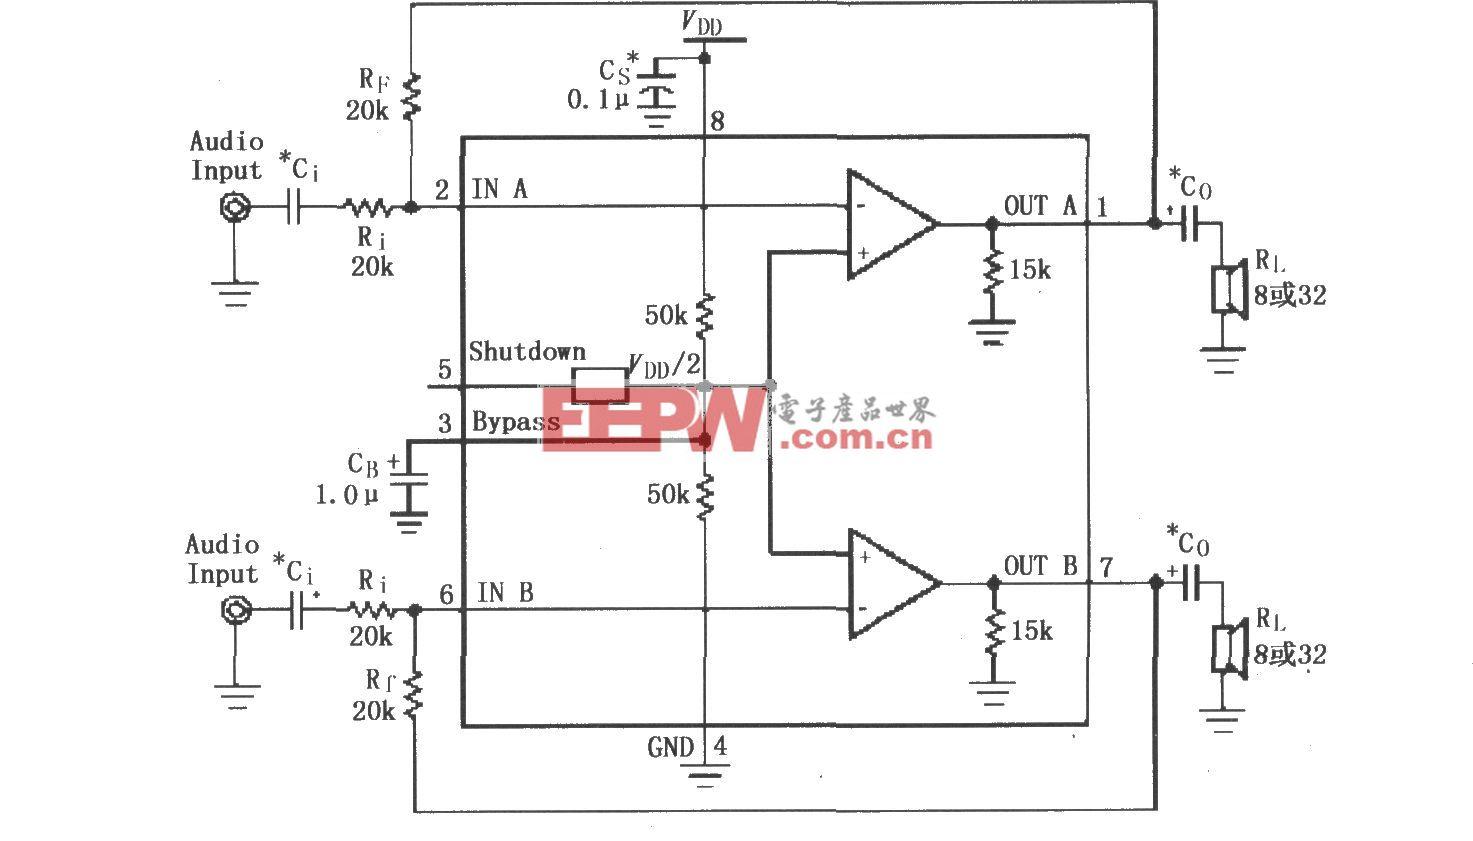 LM4880/4881用于双声道放大器的�典型电路